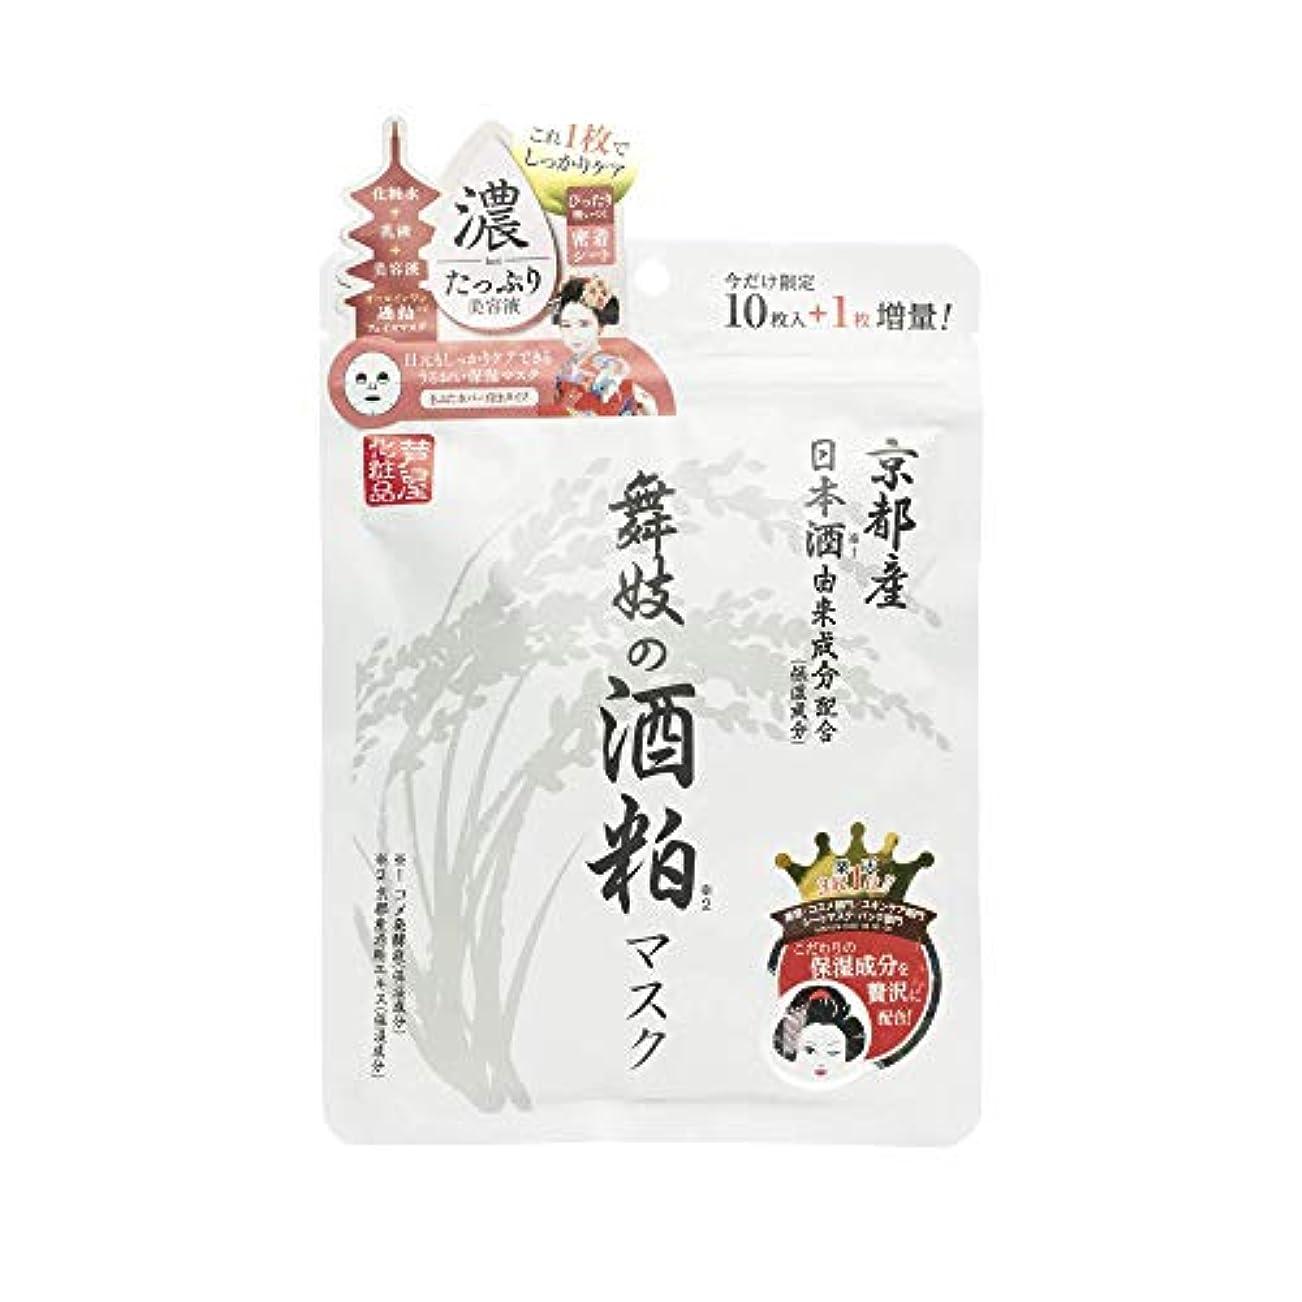 ミシン夜間見る芦屋化粧品 舞妓の酒粕マスク 10枚